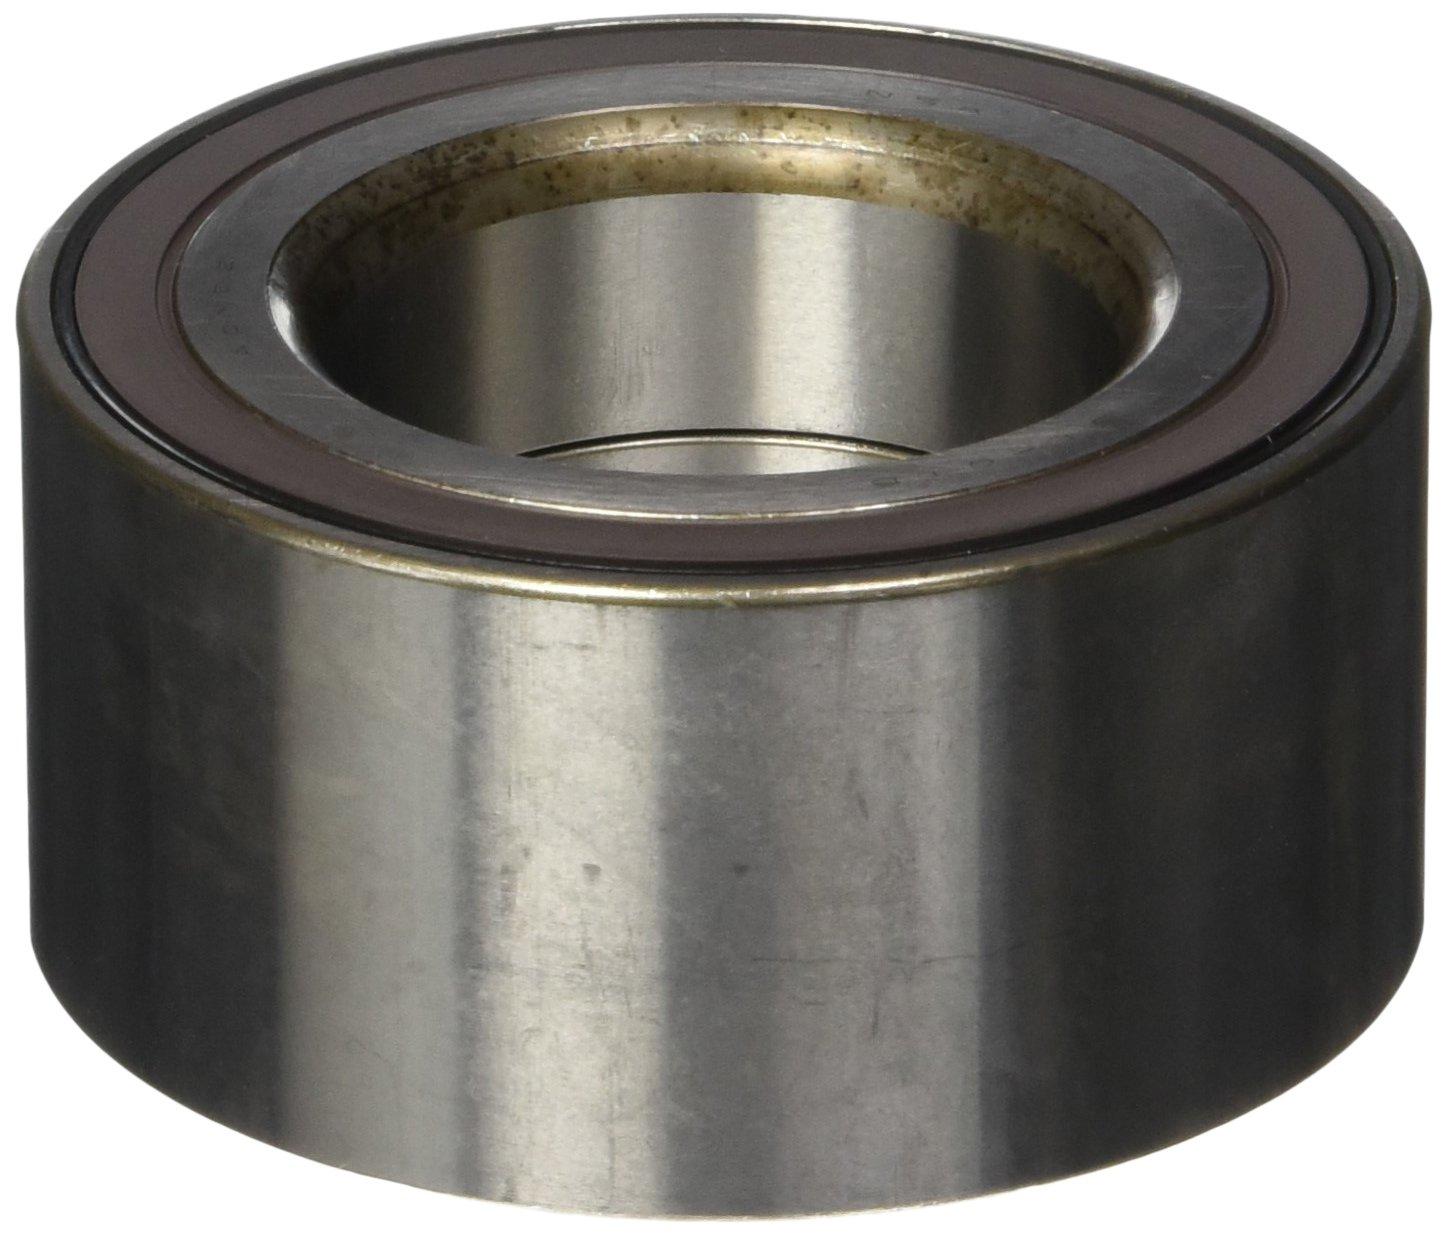 Timken WB000020 Front Wheel Bearing by Timken